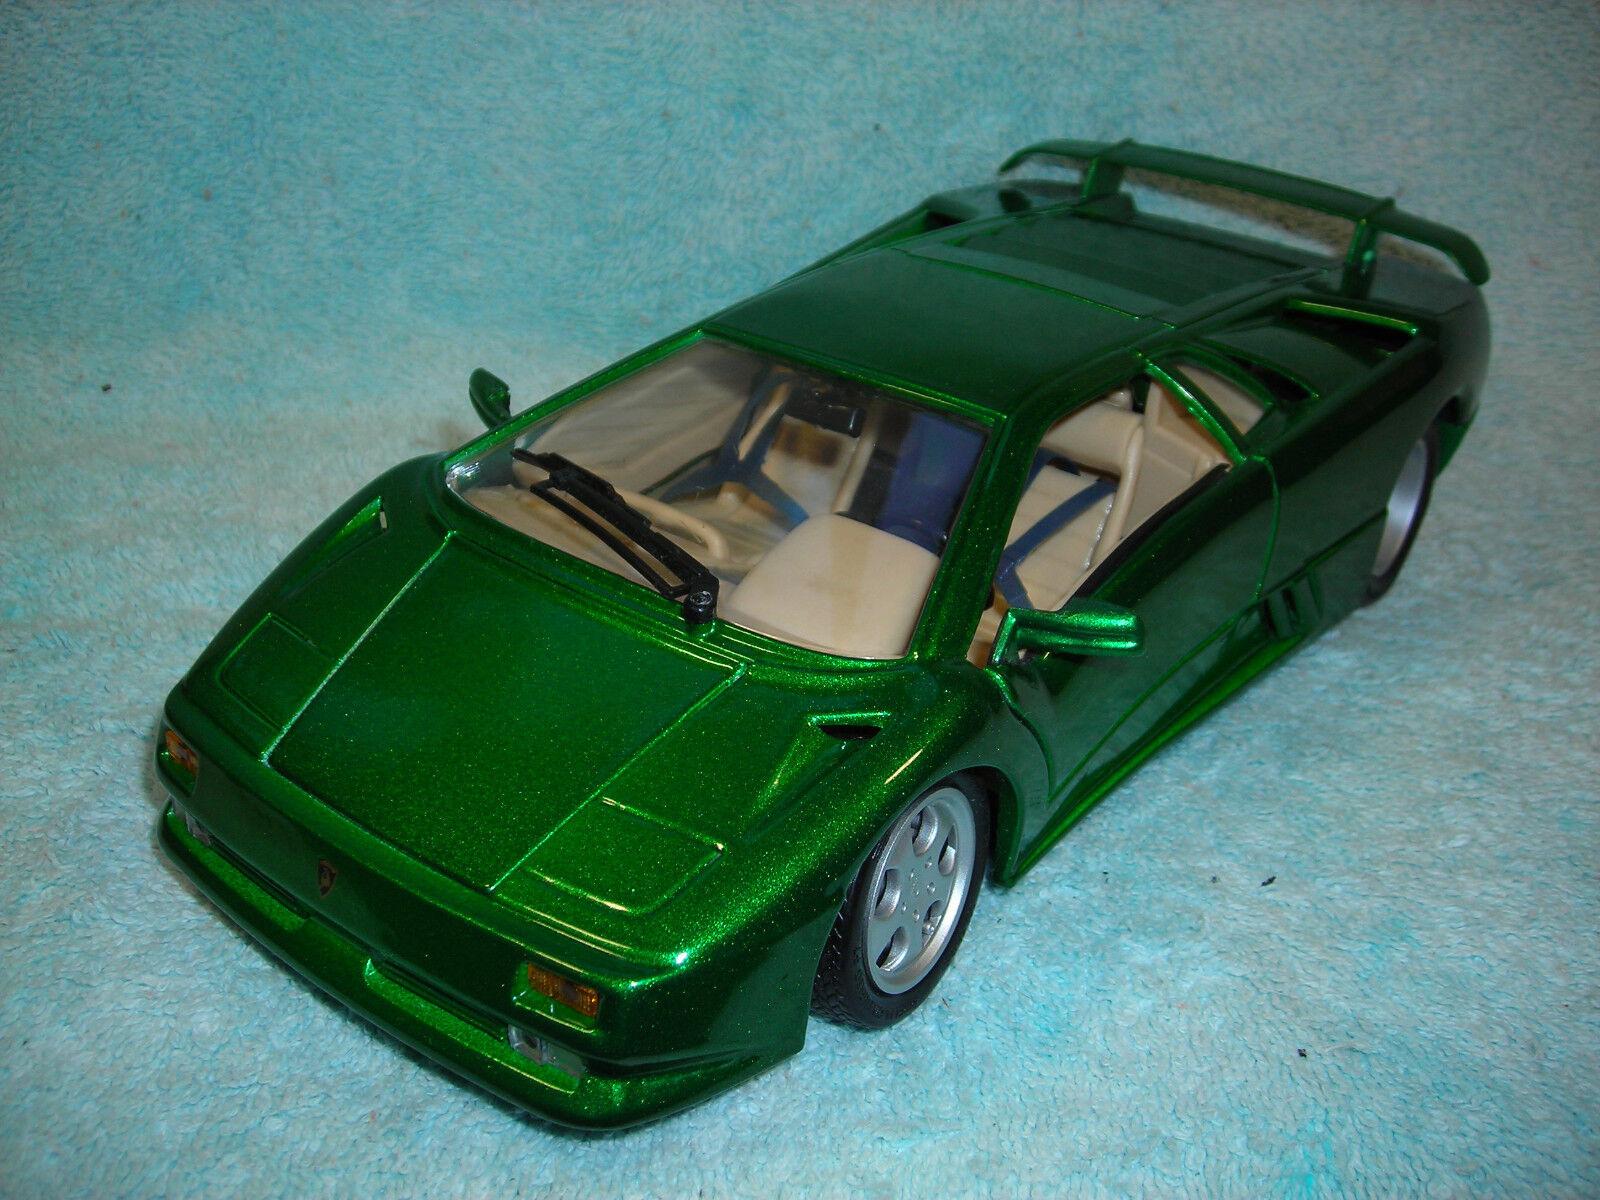 1 18 SCALE DIECAST 1994 LAMBOGHINI SE IN METALLIC GREEN  BY MAISTO NO BOX.